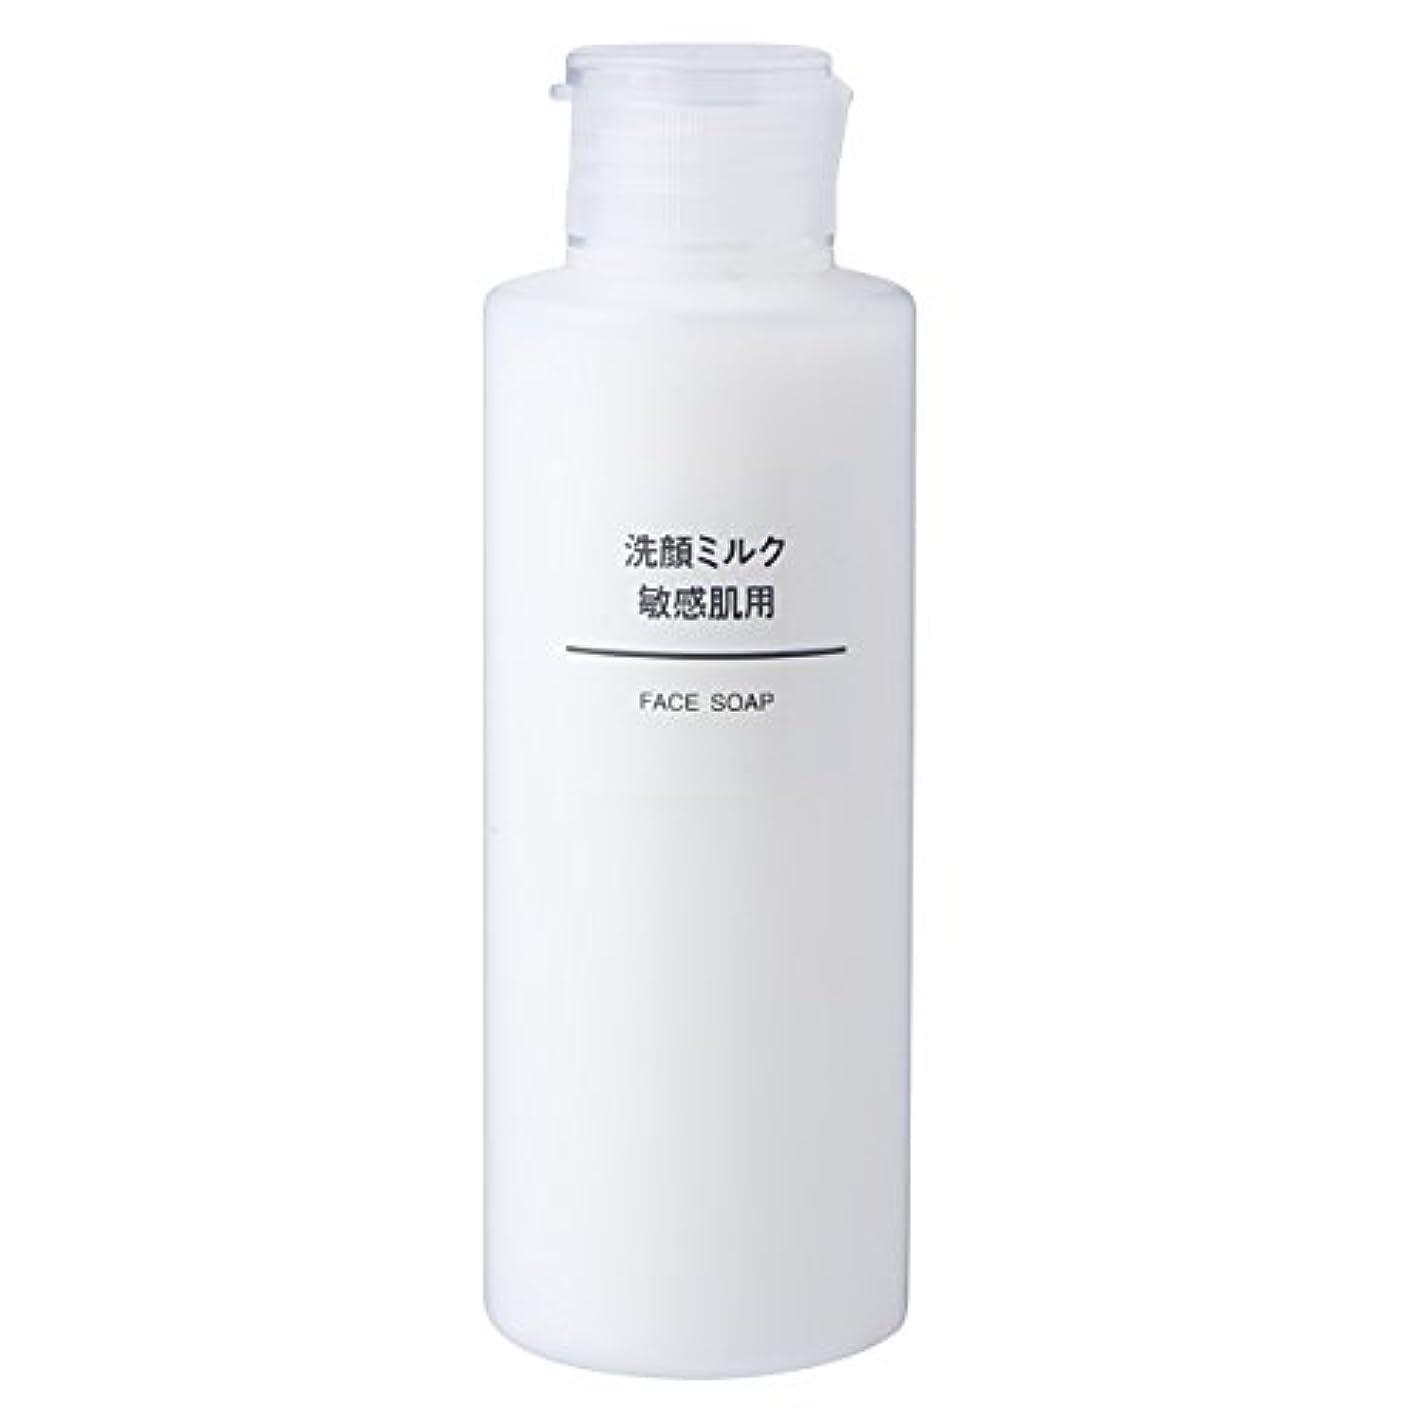 宇宙即席イタリック無印良品 洗顔ミルク 敏感肌用 150ml